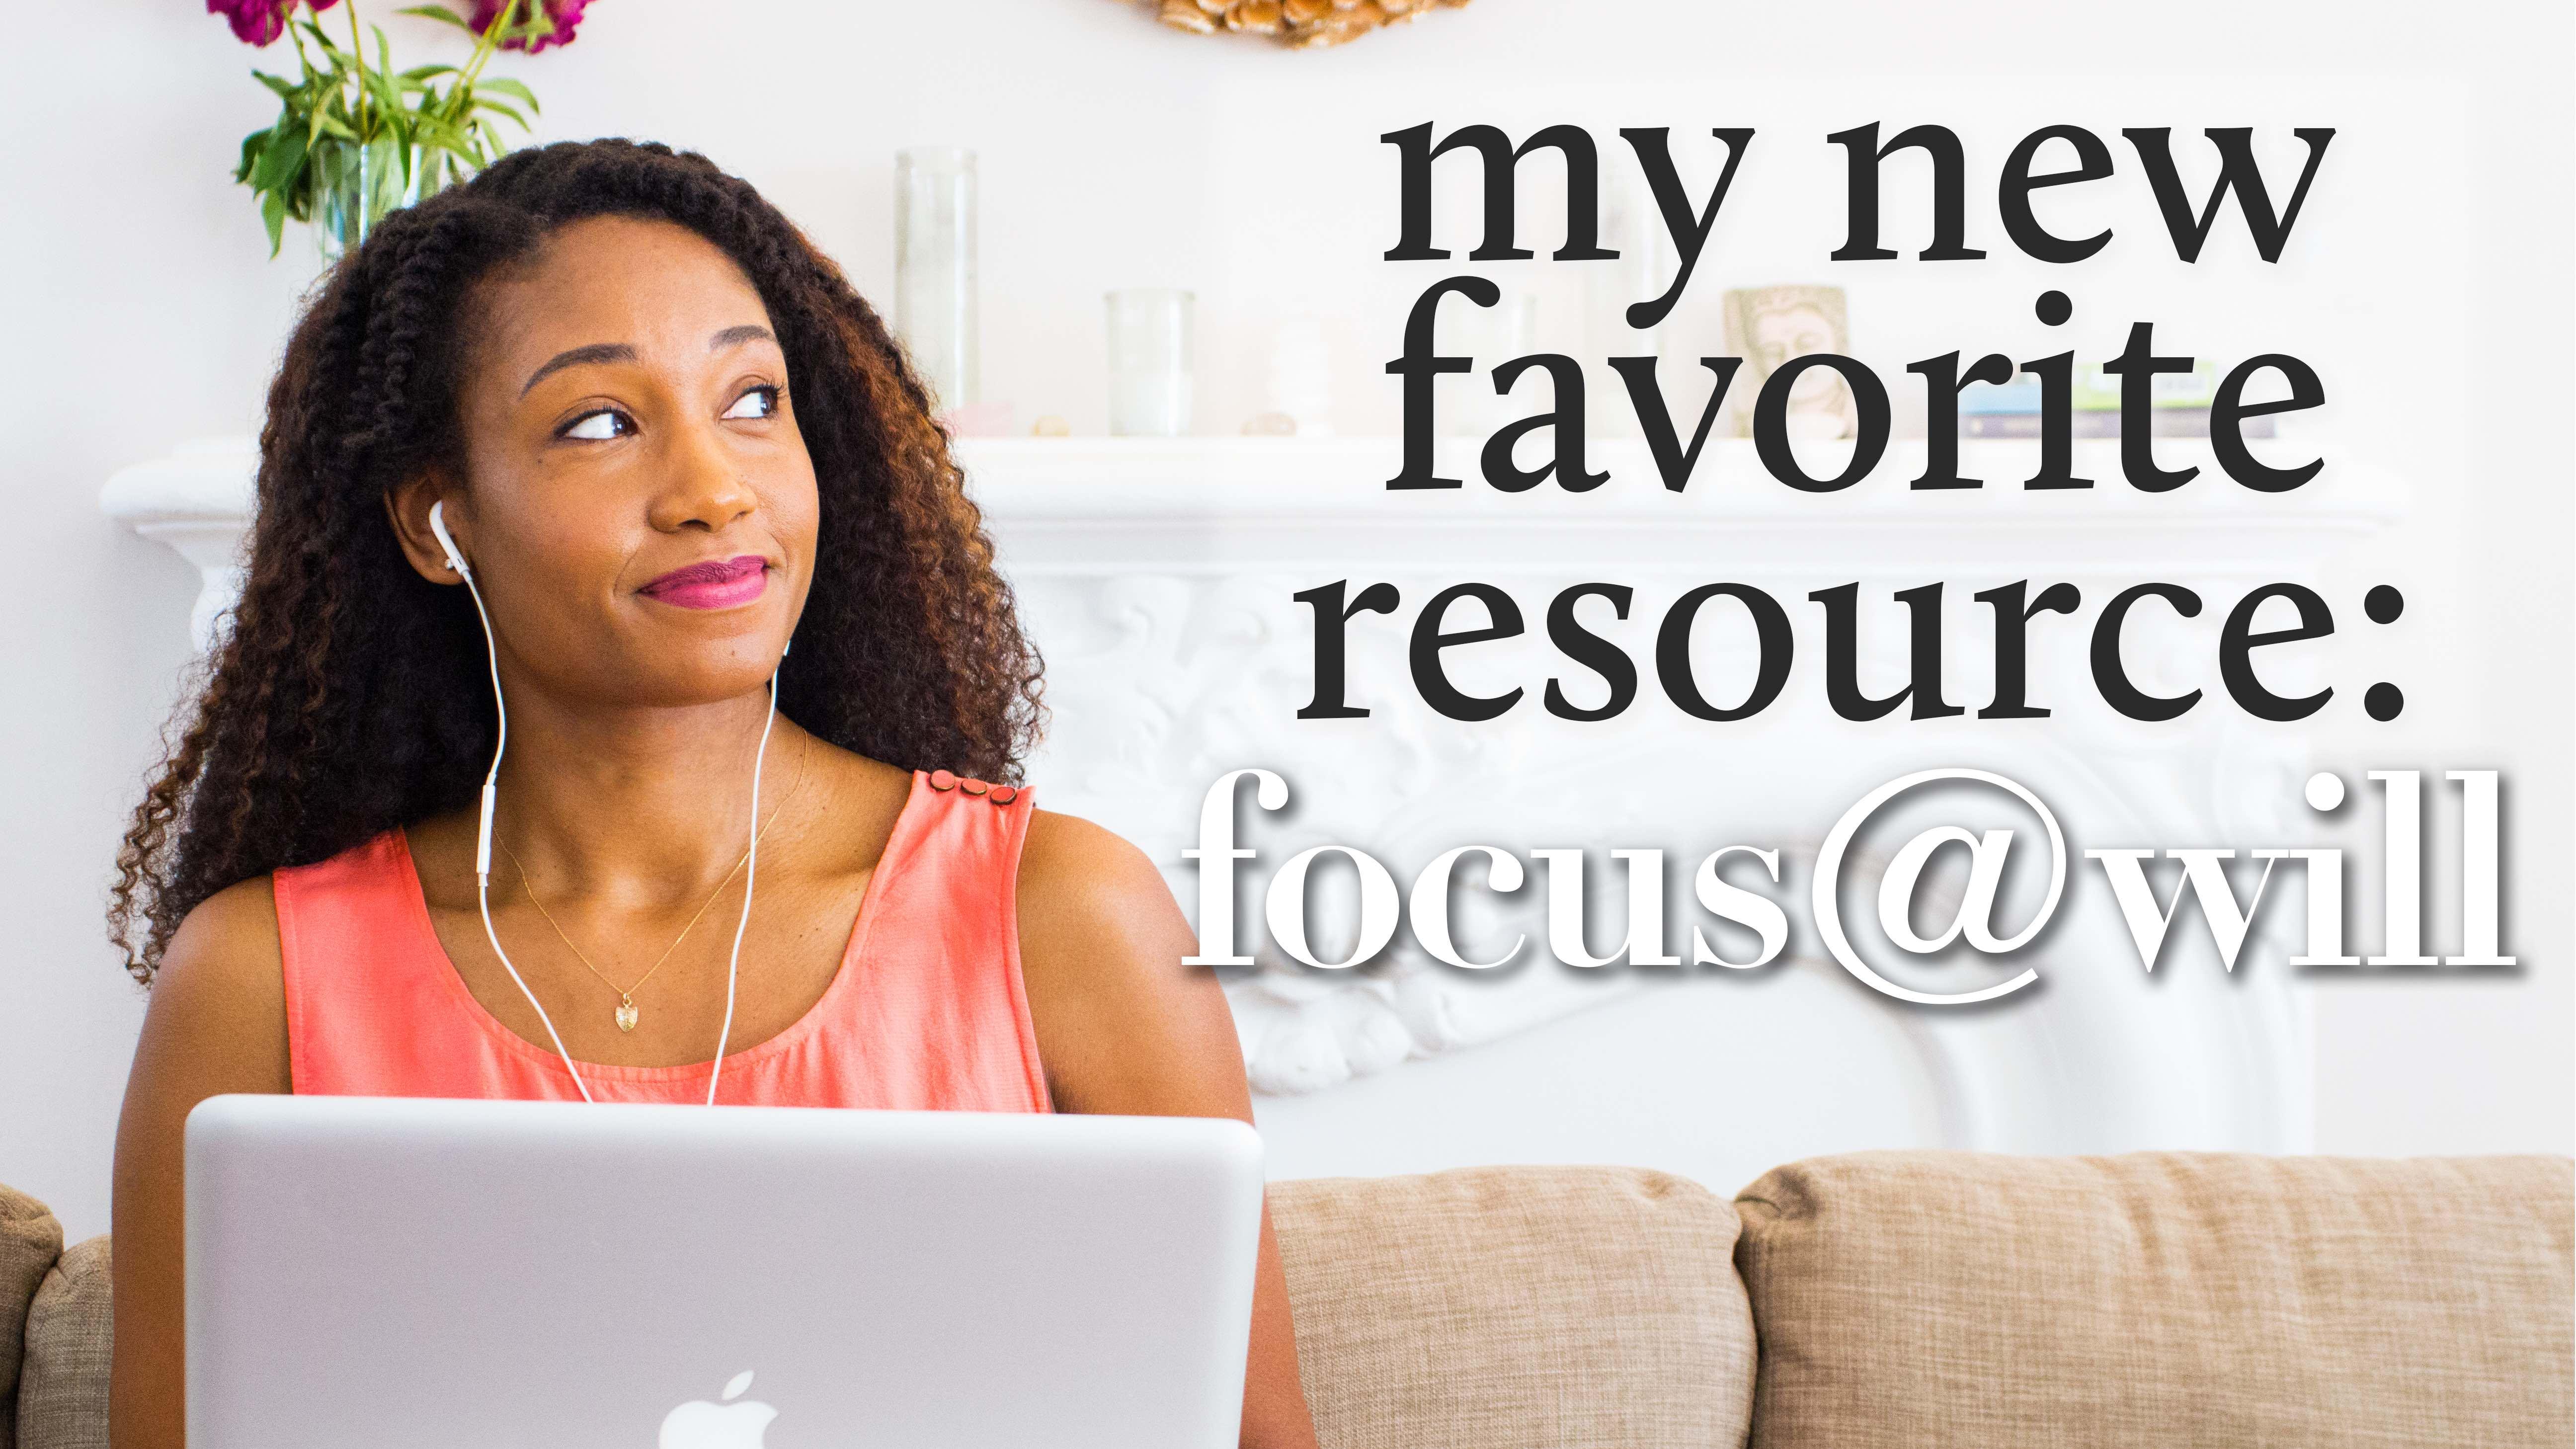 My New Favorite Resource: focus@will! | Acting Resource Guru